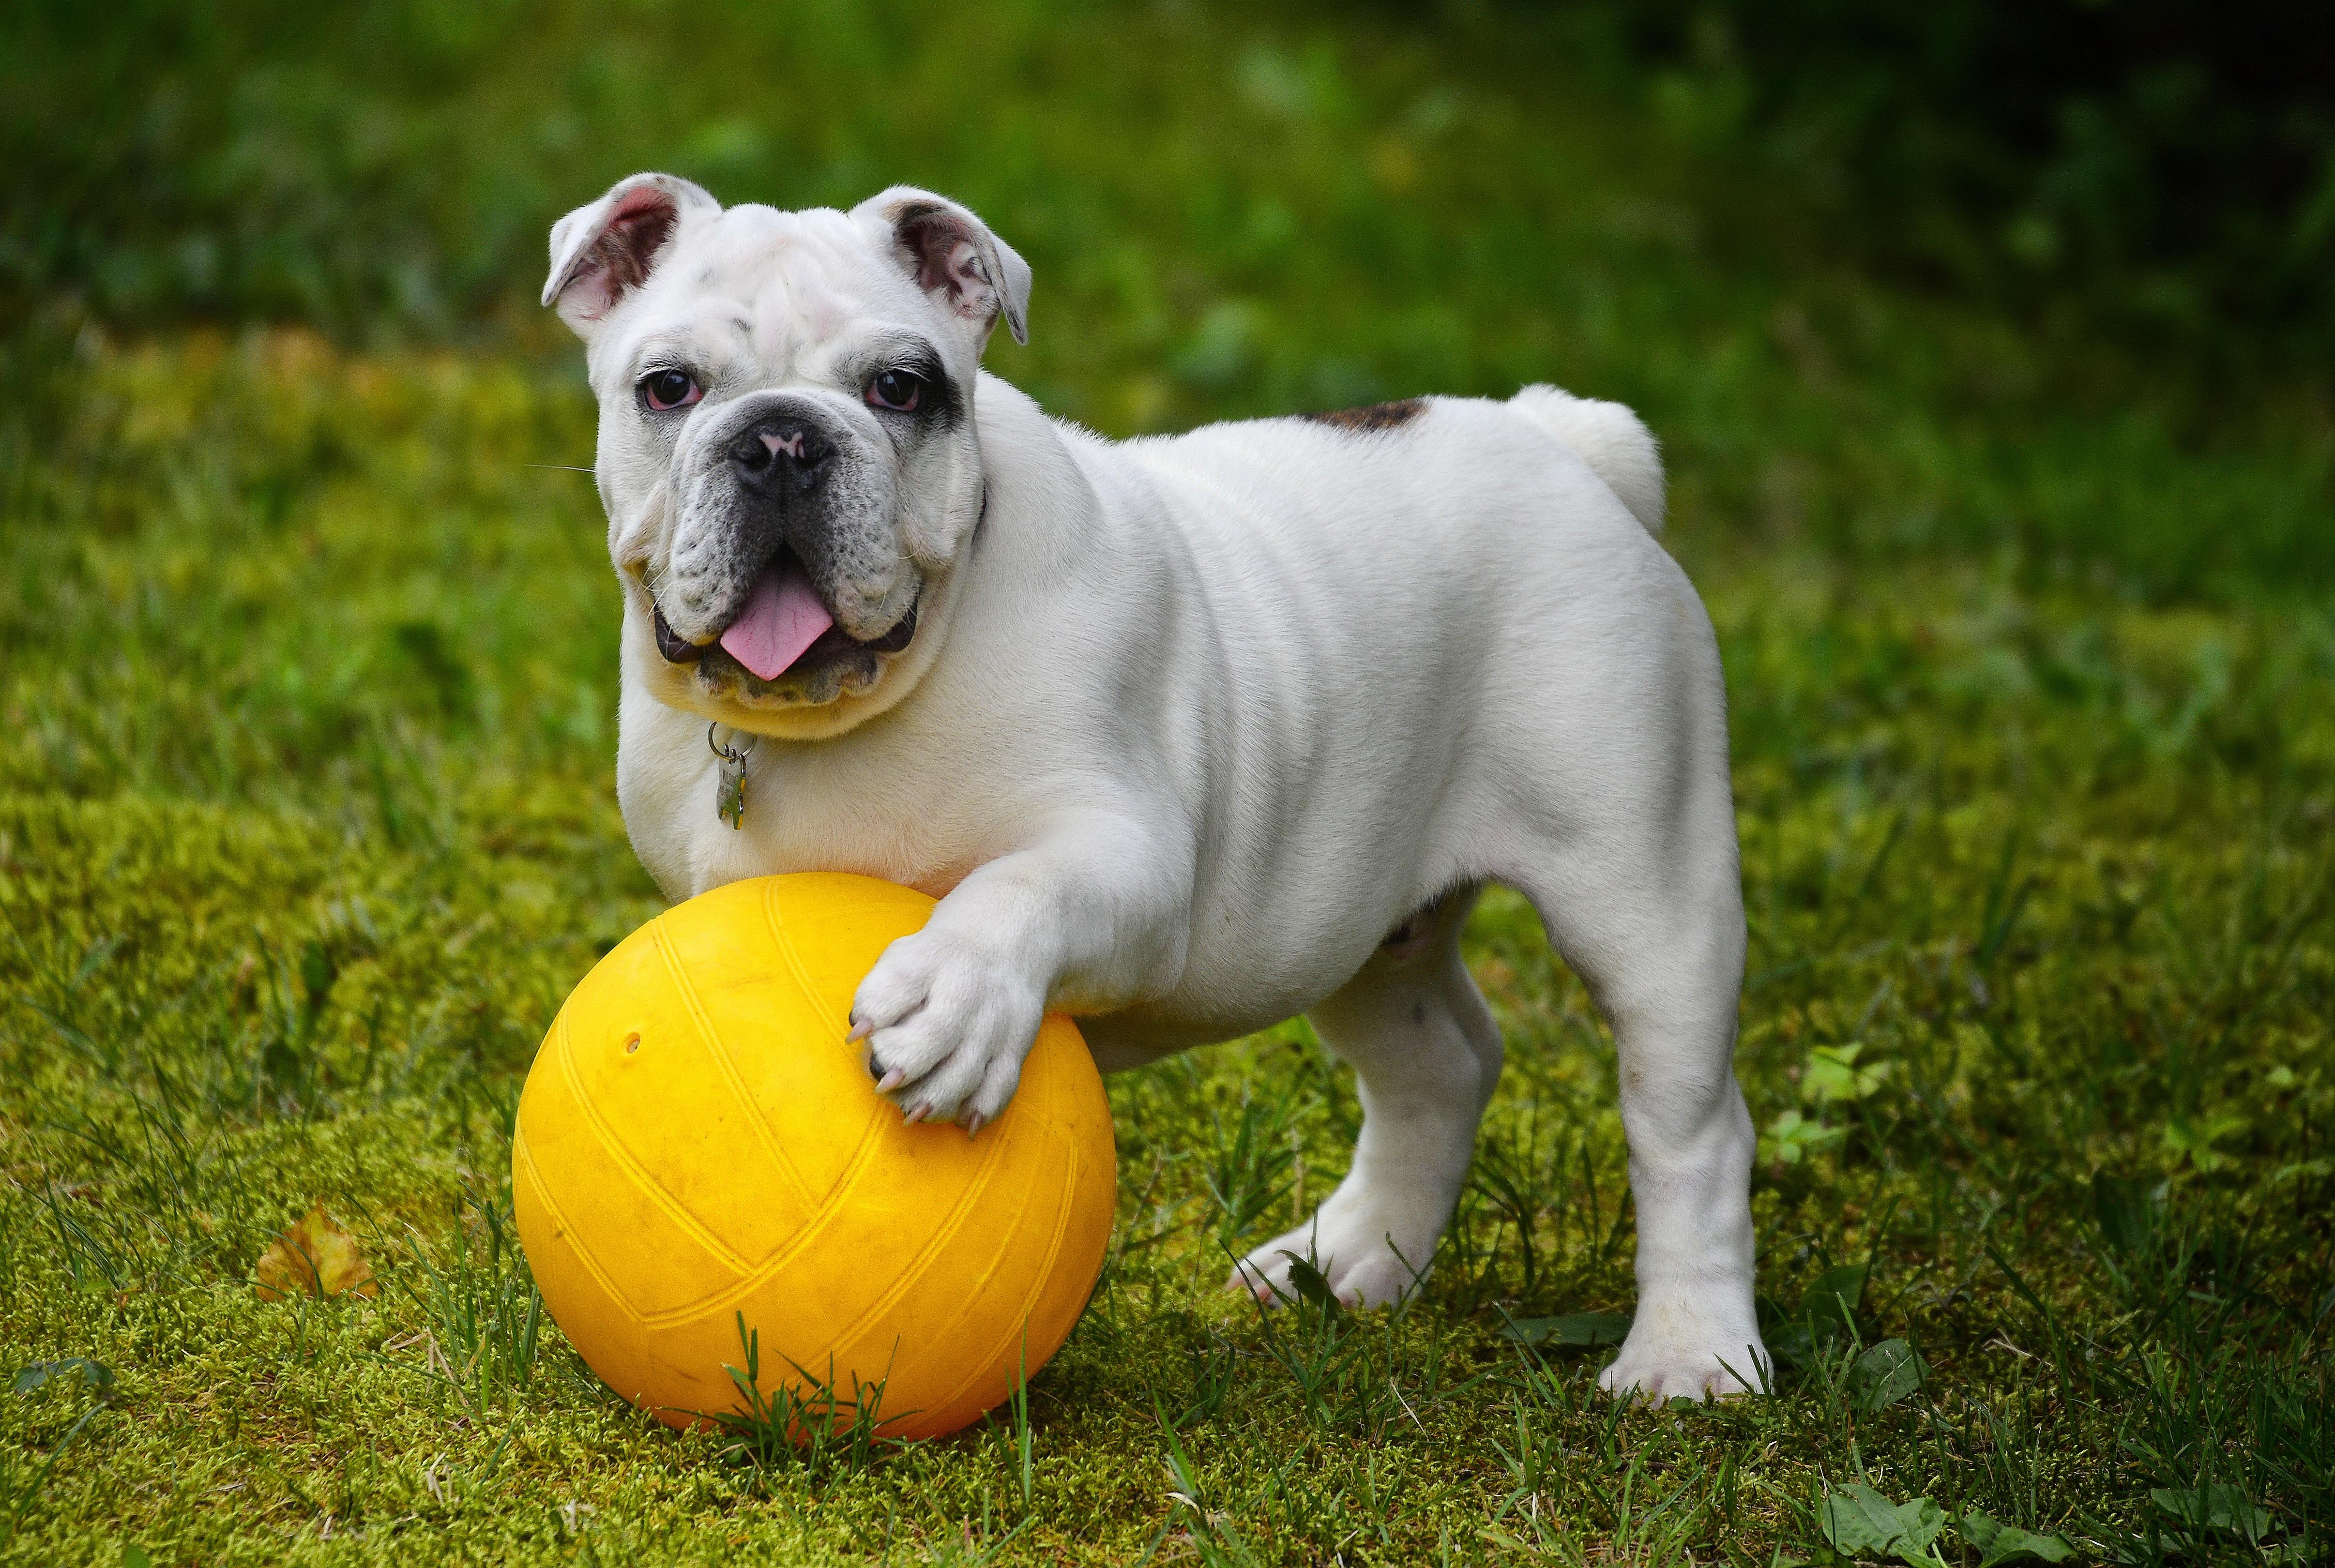 также занимается картинка собака с мячиком обыкновенными